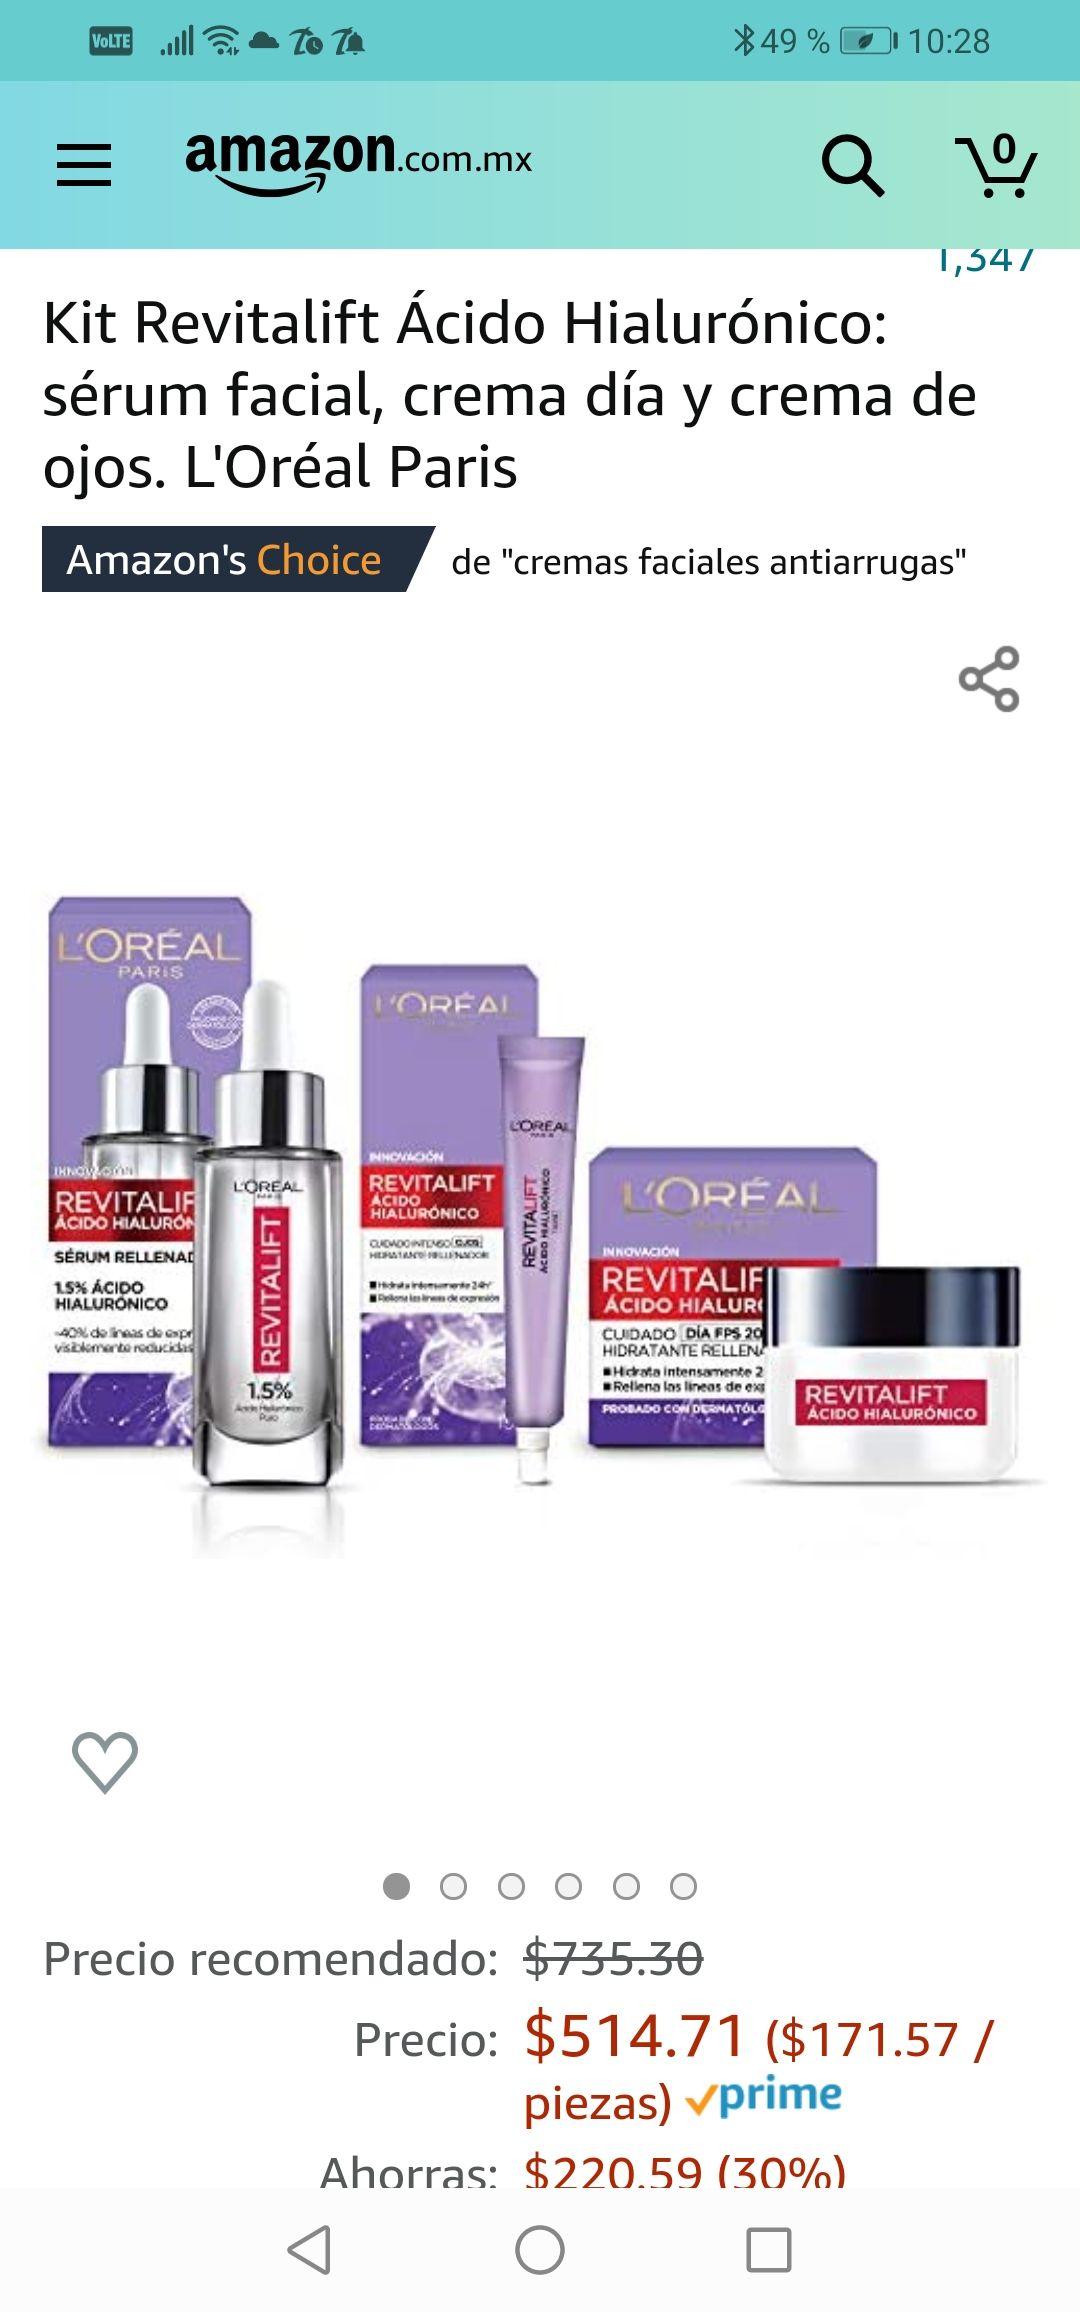 Amazon : Kit Revitalift Ácido Hialurónico: sérum facial, crema día y crema de ojos. L'Oréal Paris